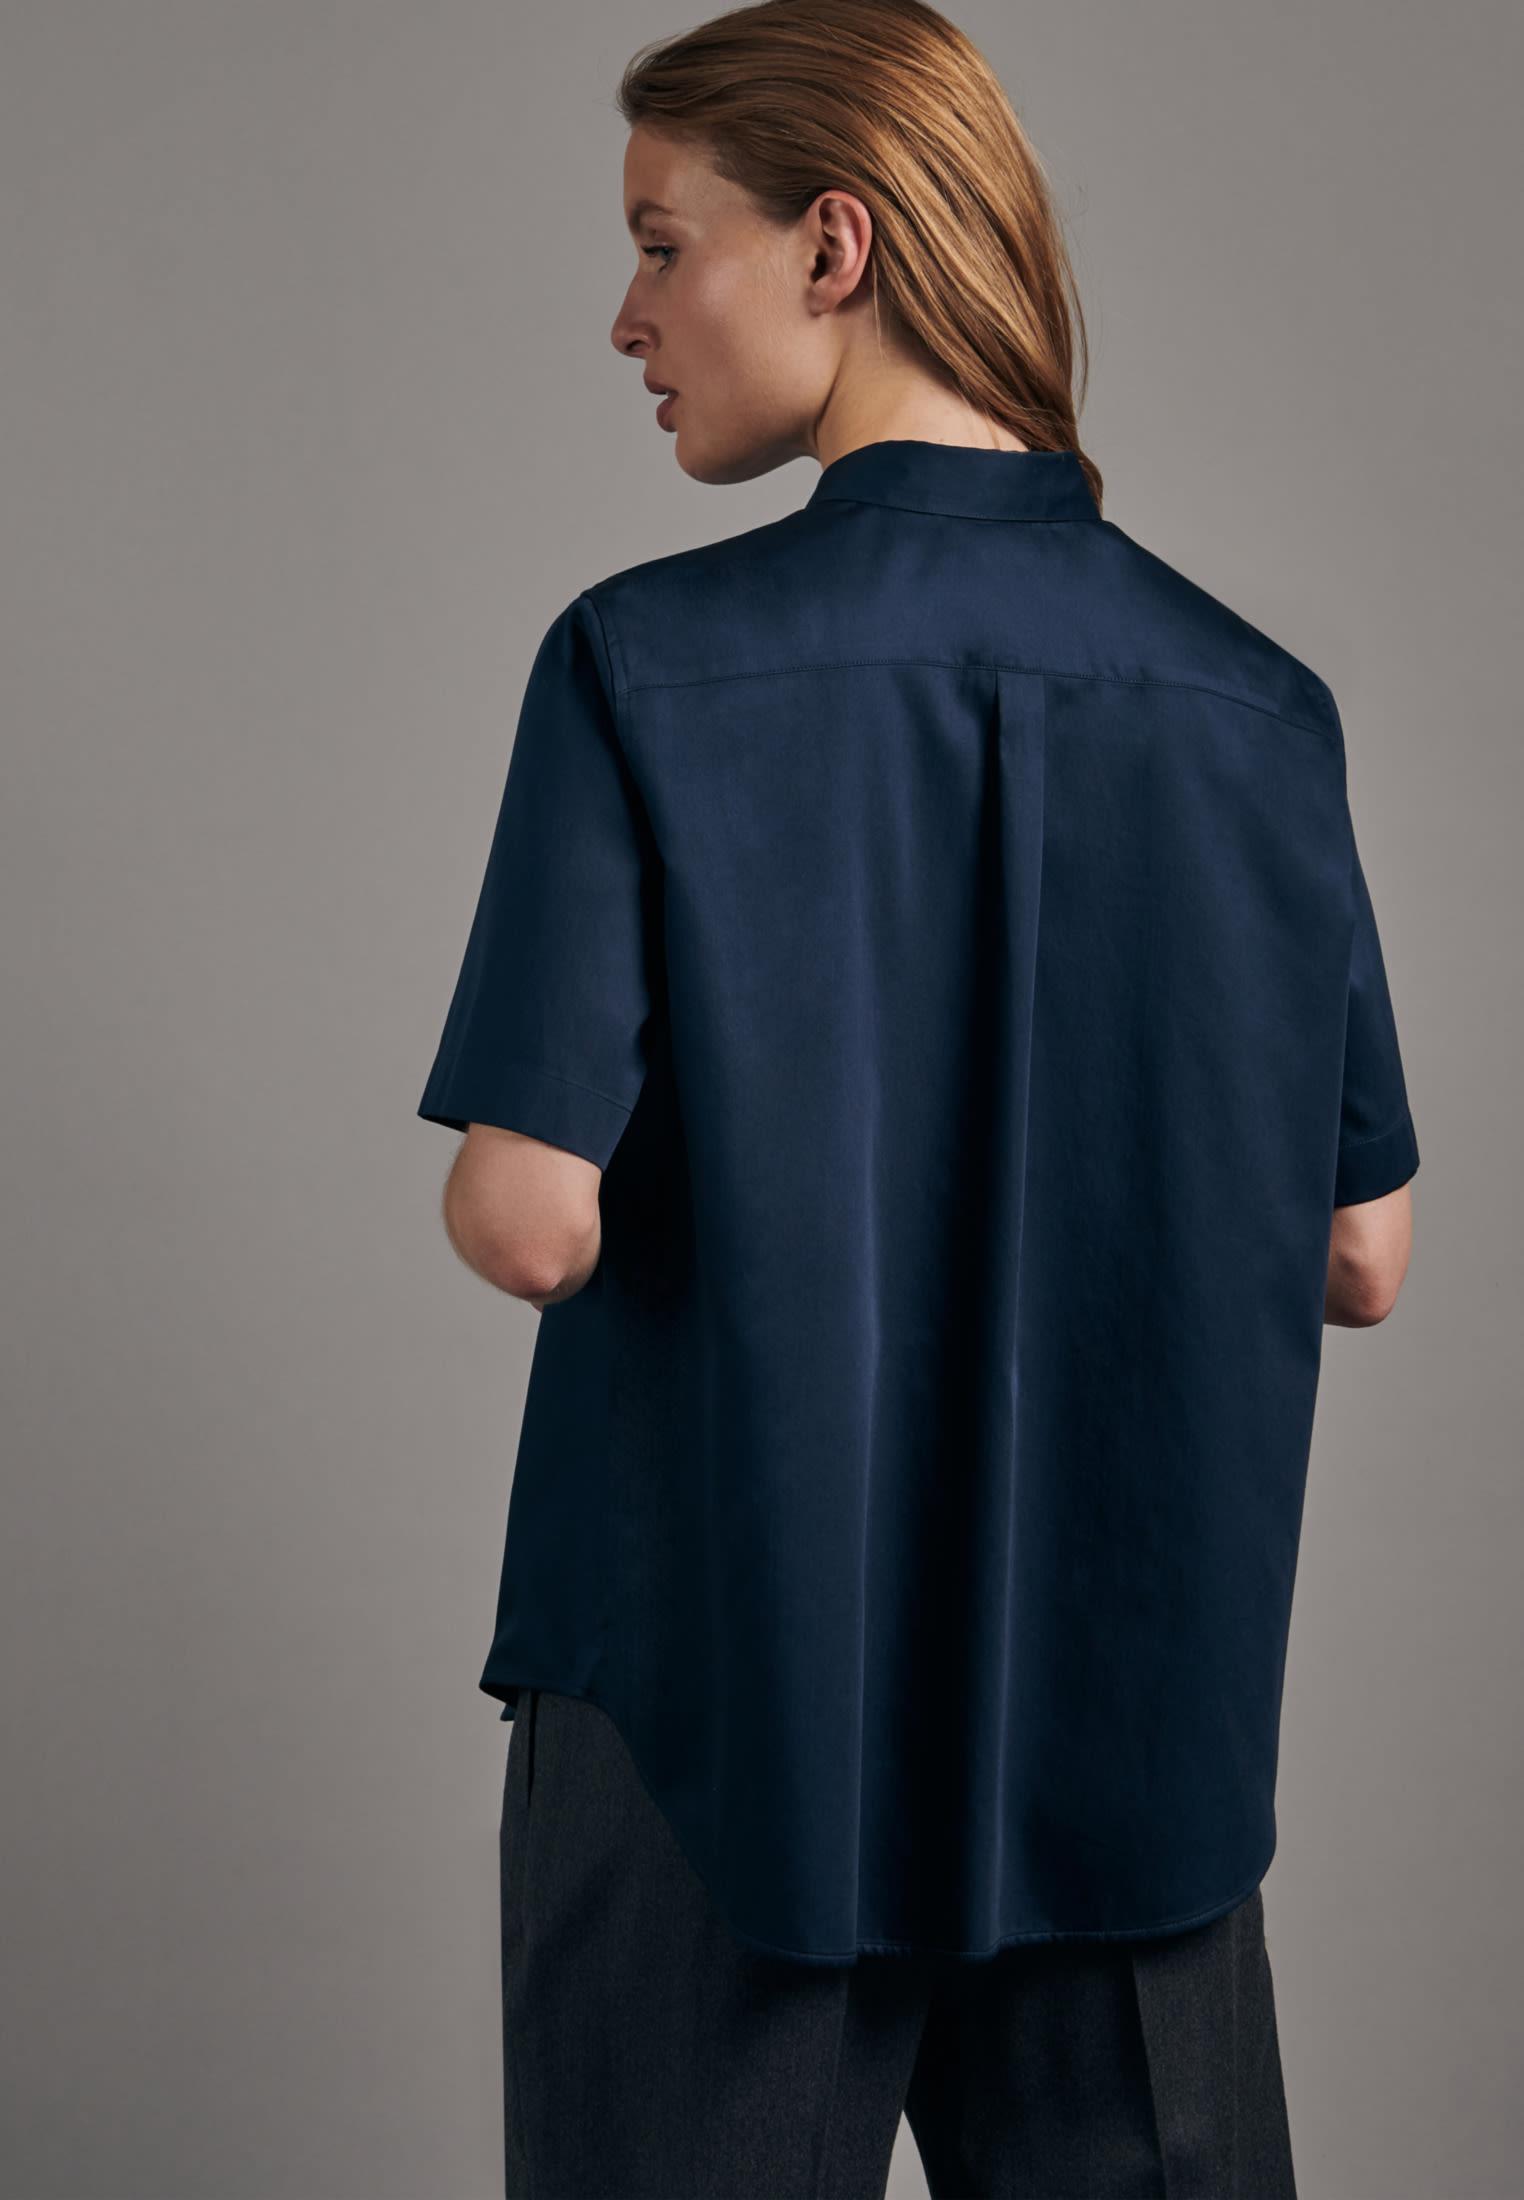 Kurzarm Satin Hemdbluse aus 100% Baumwolle in Dunkelblau |  Seidensticker Onlineshop